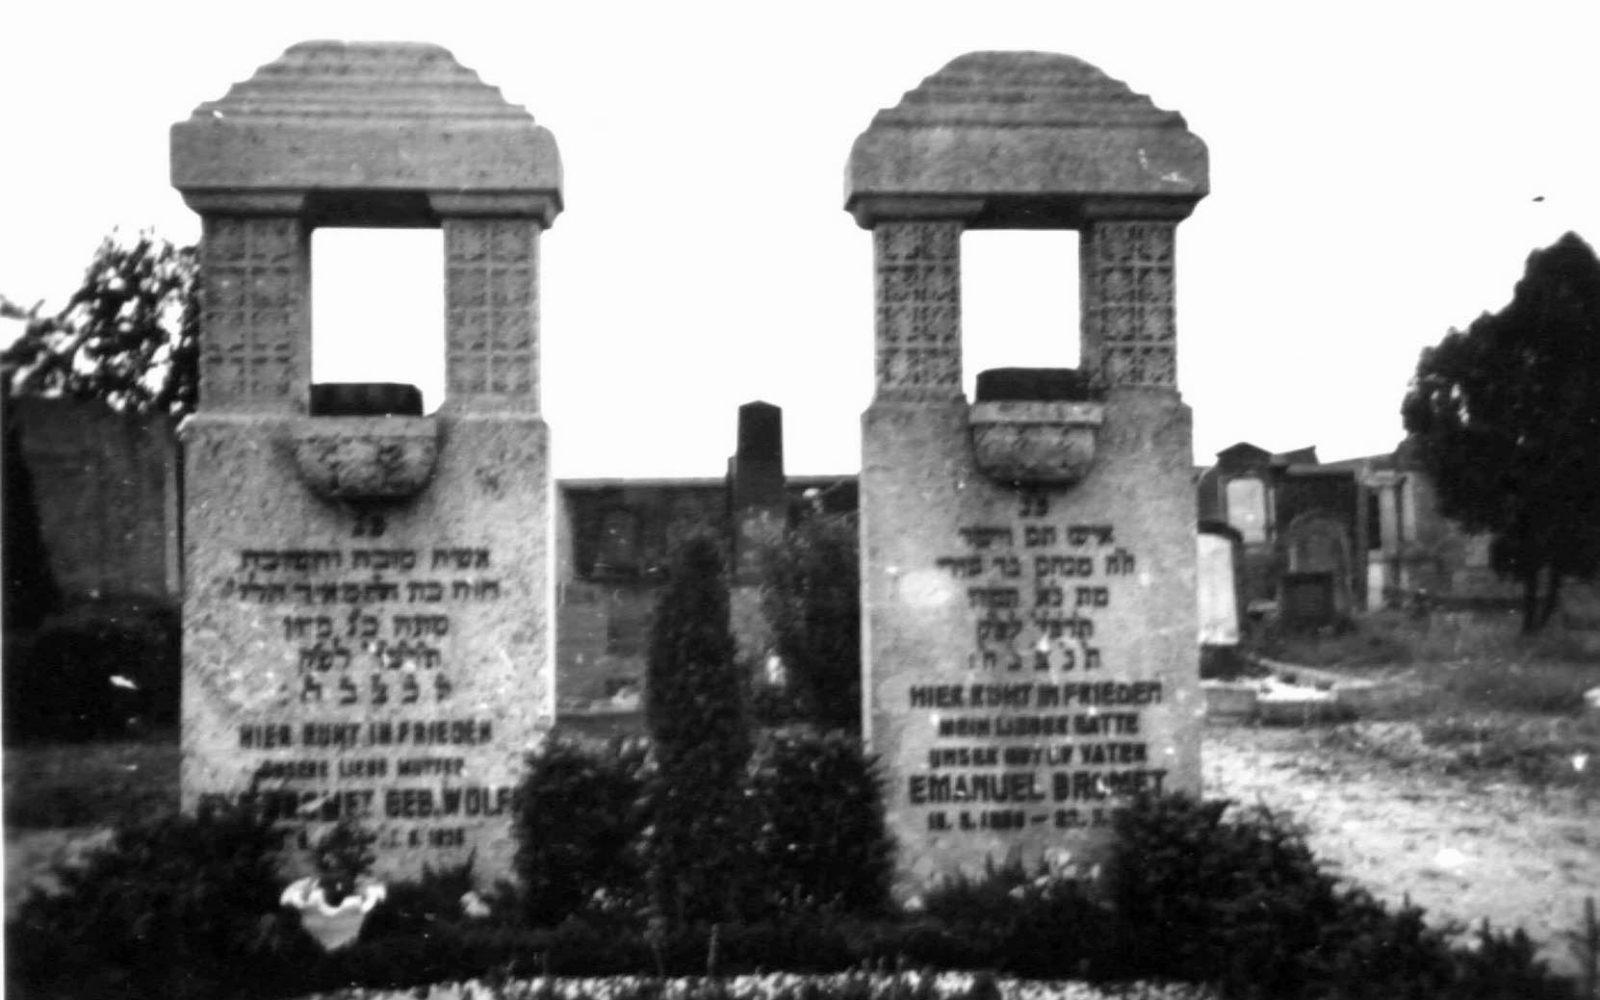 Eingang zum Jüdischen Friedhof in Dülken.